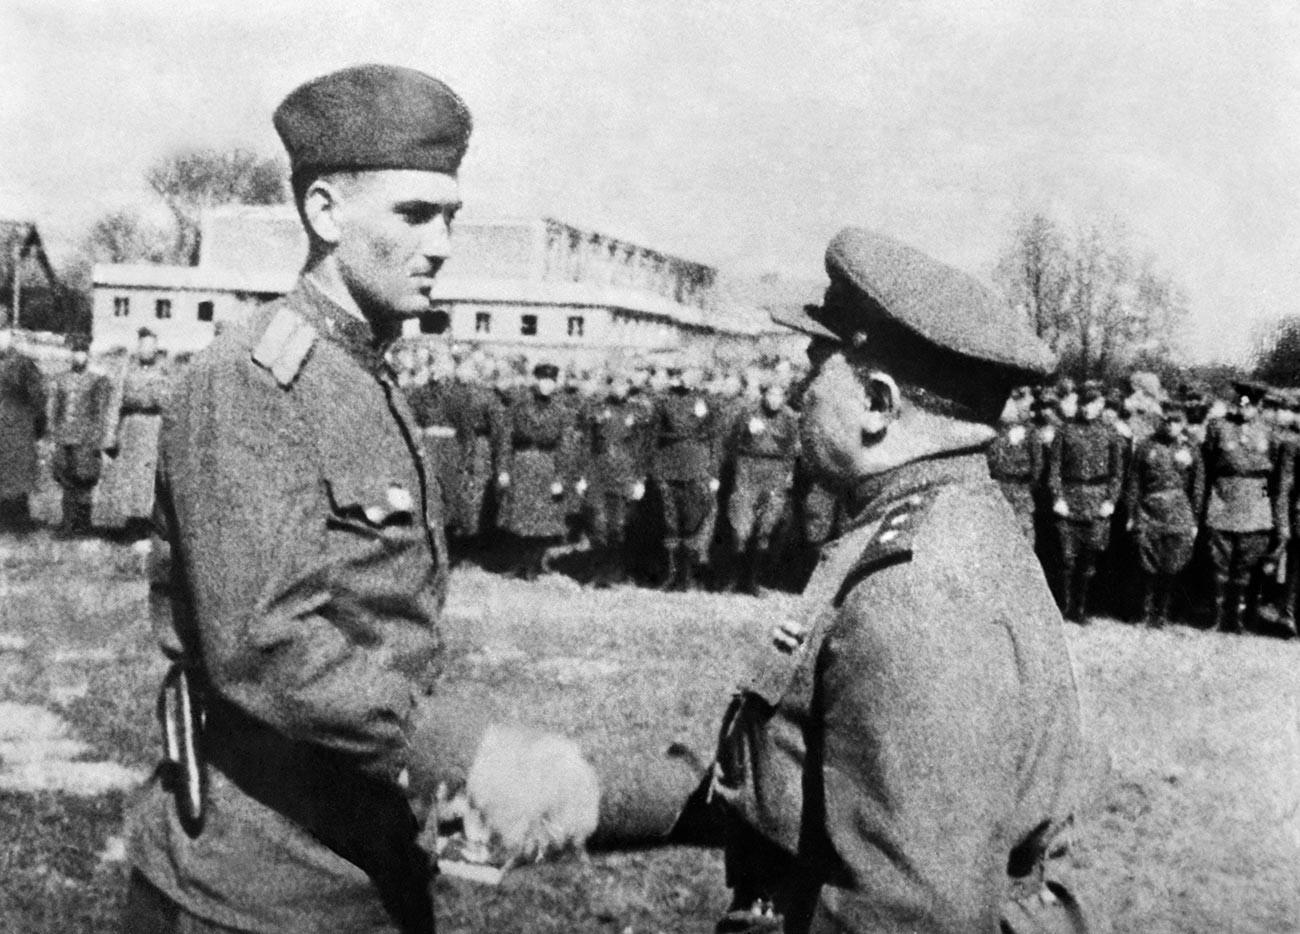 Командант Пете јуришне армије Николај Берзарин (десно) награђује Златном звездом Хероја Совјетског Савеза командира 129. казненог вода Зија Бунијатова.